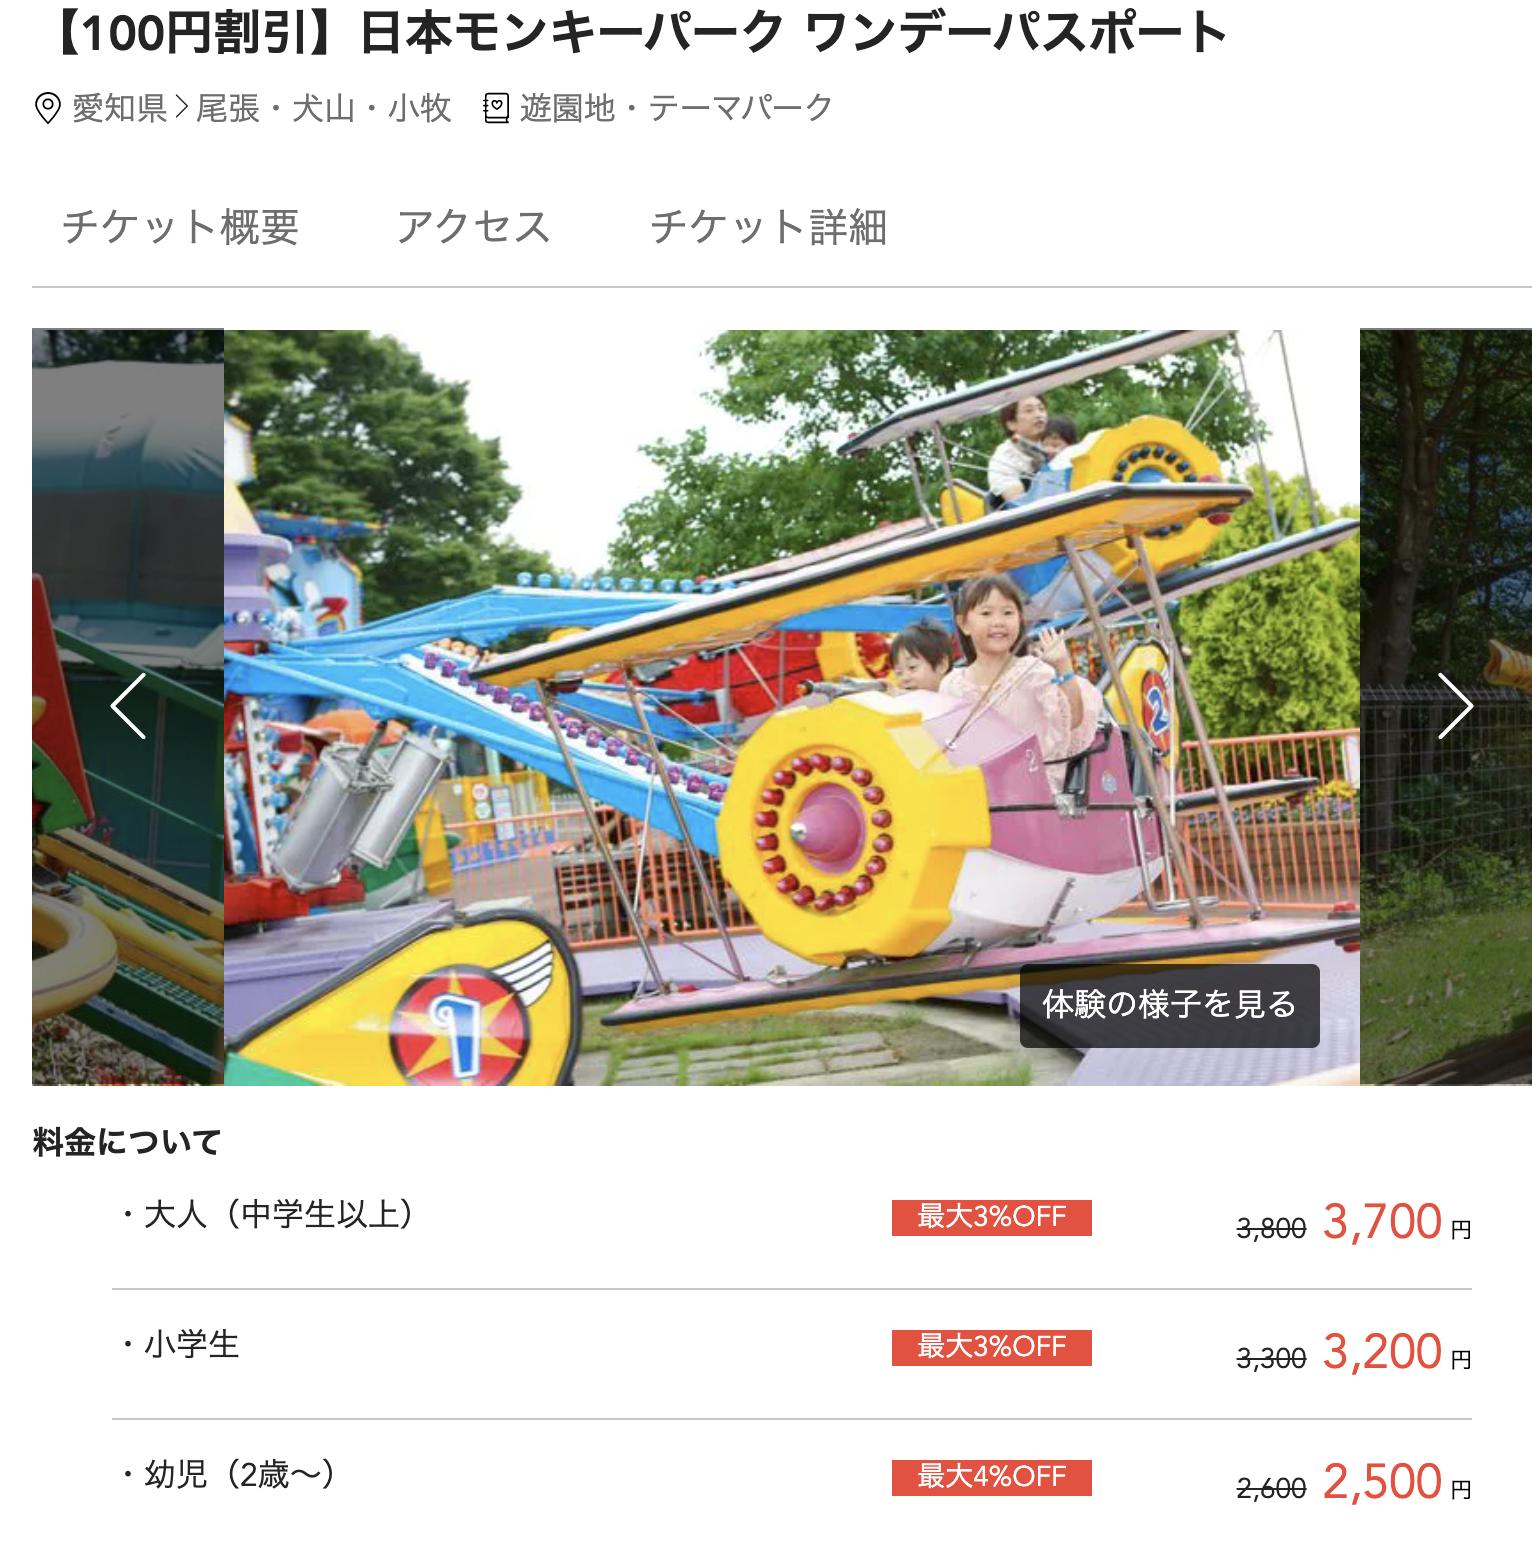 日本モンキーパーク割引